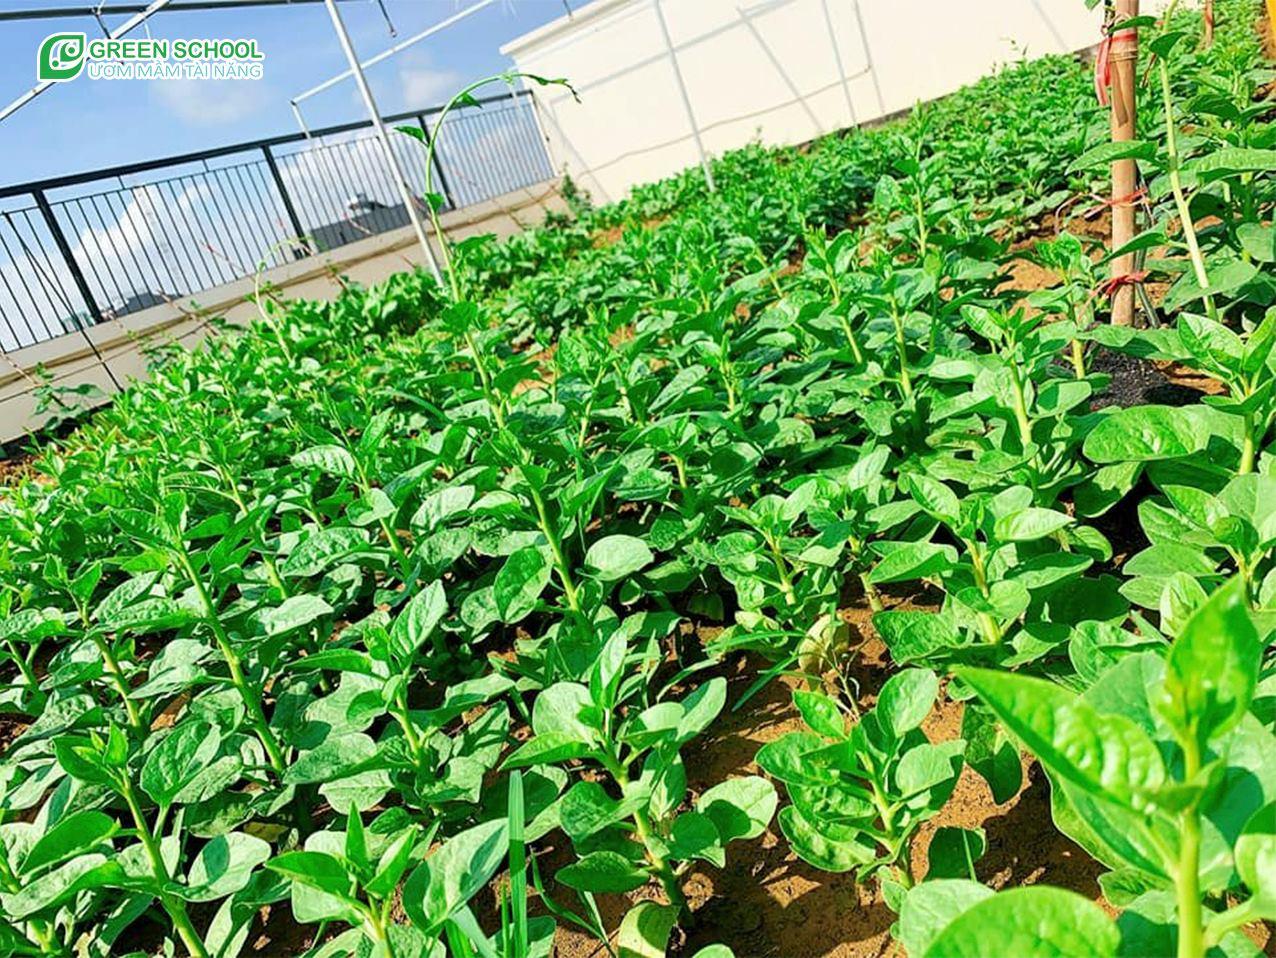 Khu vườn trên mây cung cấp nguồn thực phẩm đảm bảo chất lượng